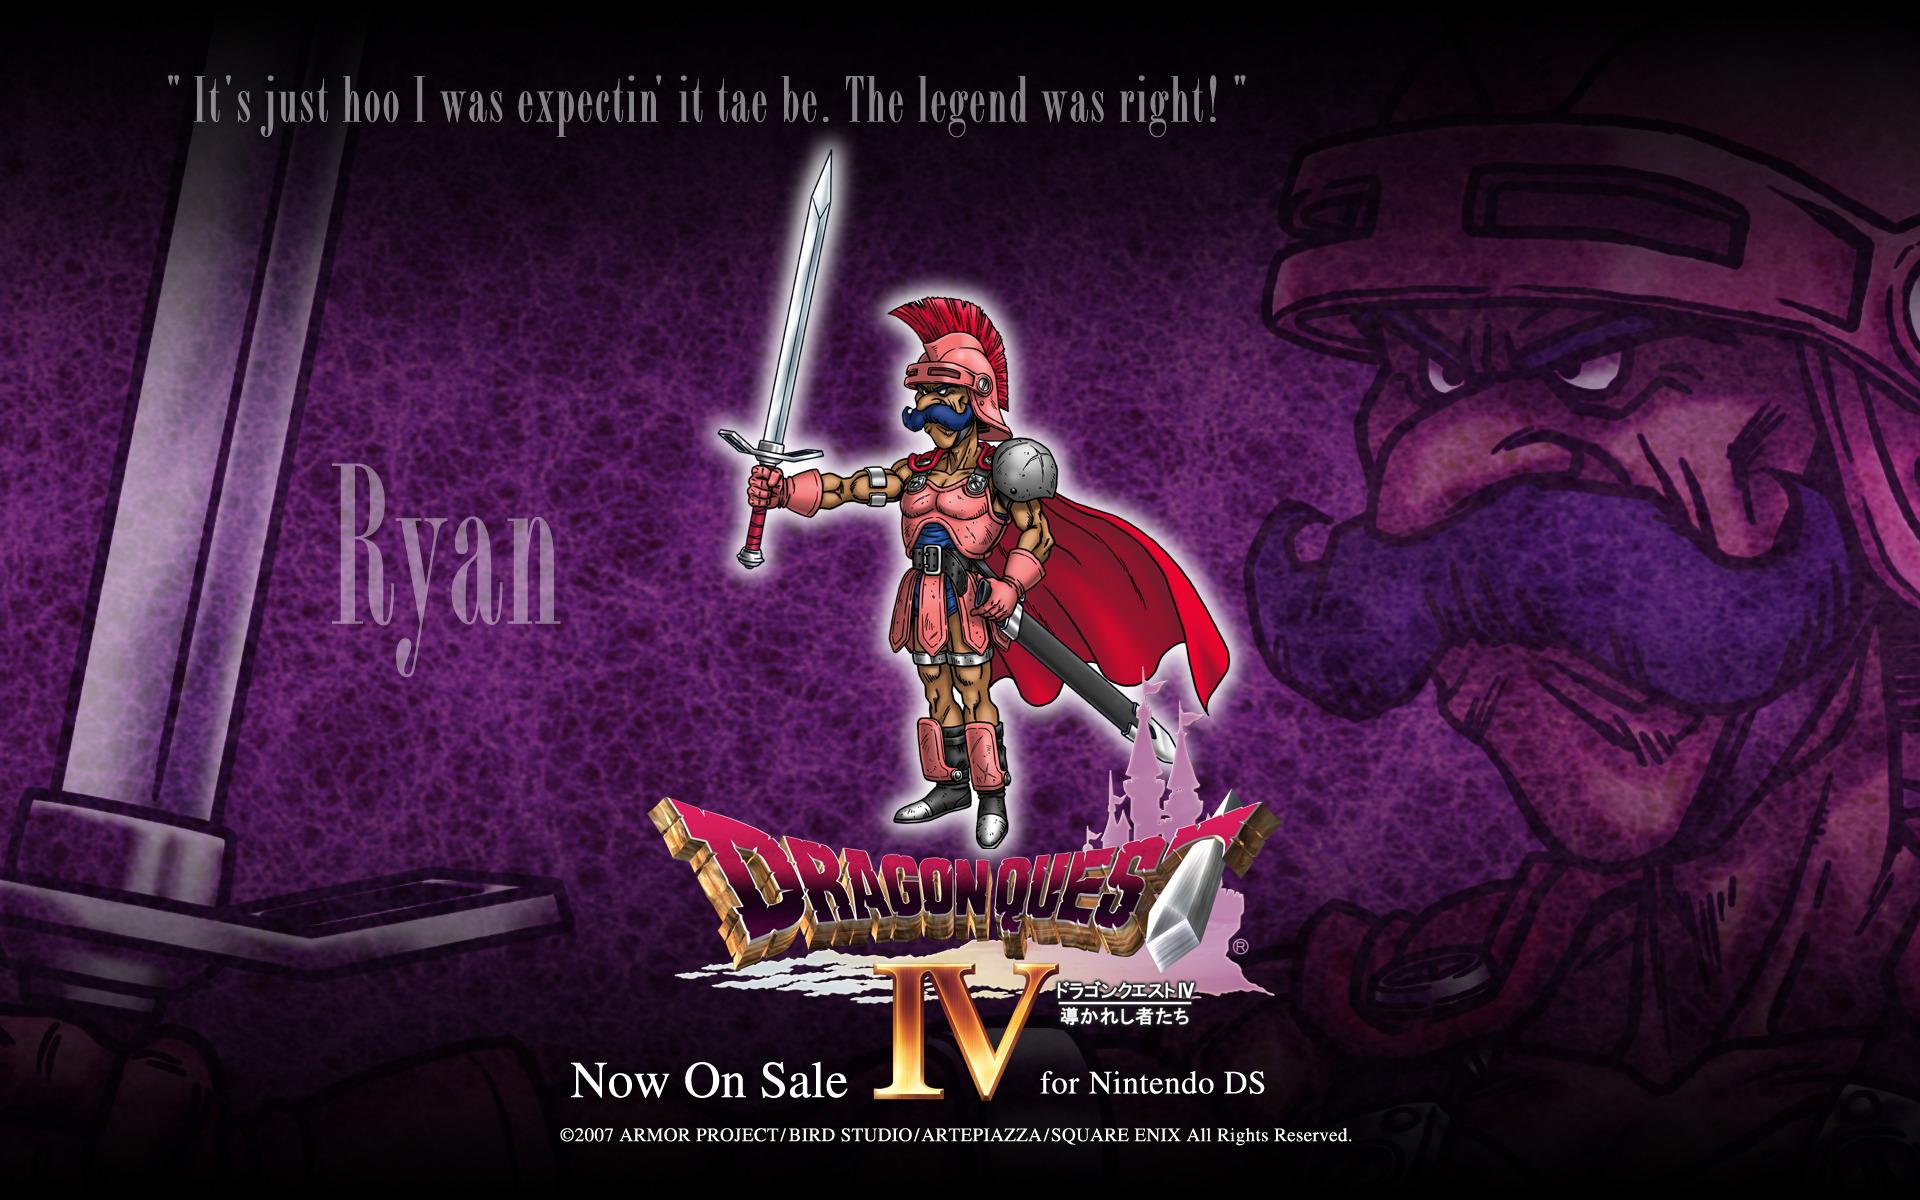 http://image.jeuxvideo.com/downloads/fonds-ecrans-wallpaper/00003254/dragon-quest-l-epop-e-des-elus-9949-wp.jpg